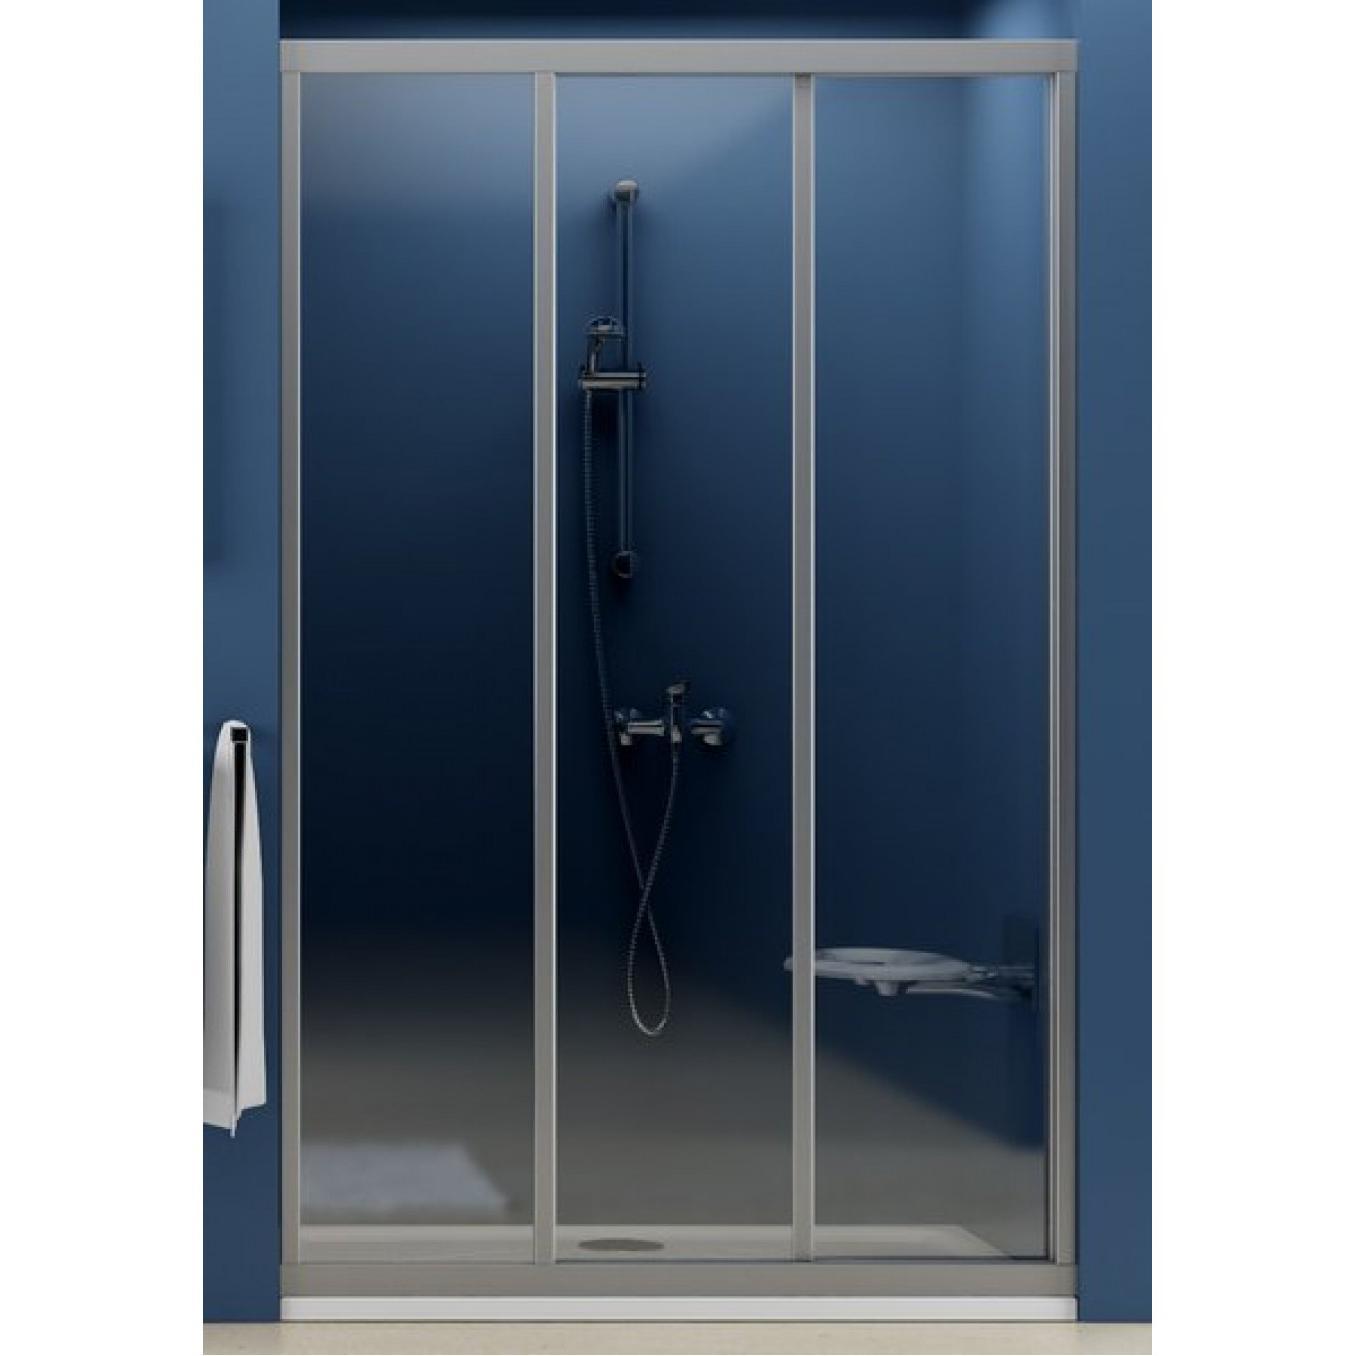 Душевая дверь Ravak ASDP3 120 белый профиль, прозрачное стекло опорная рама мод 5300 для поддонов регулируется до размера 120 120